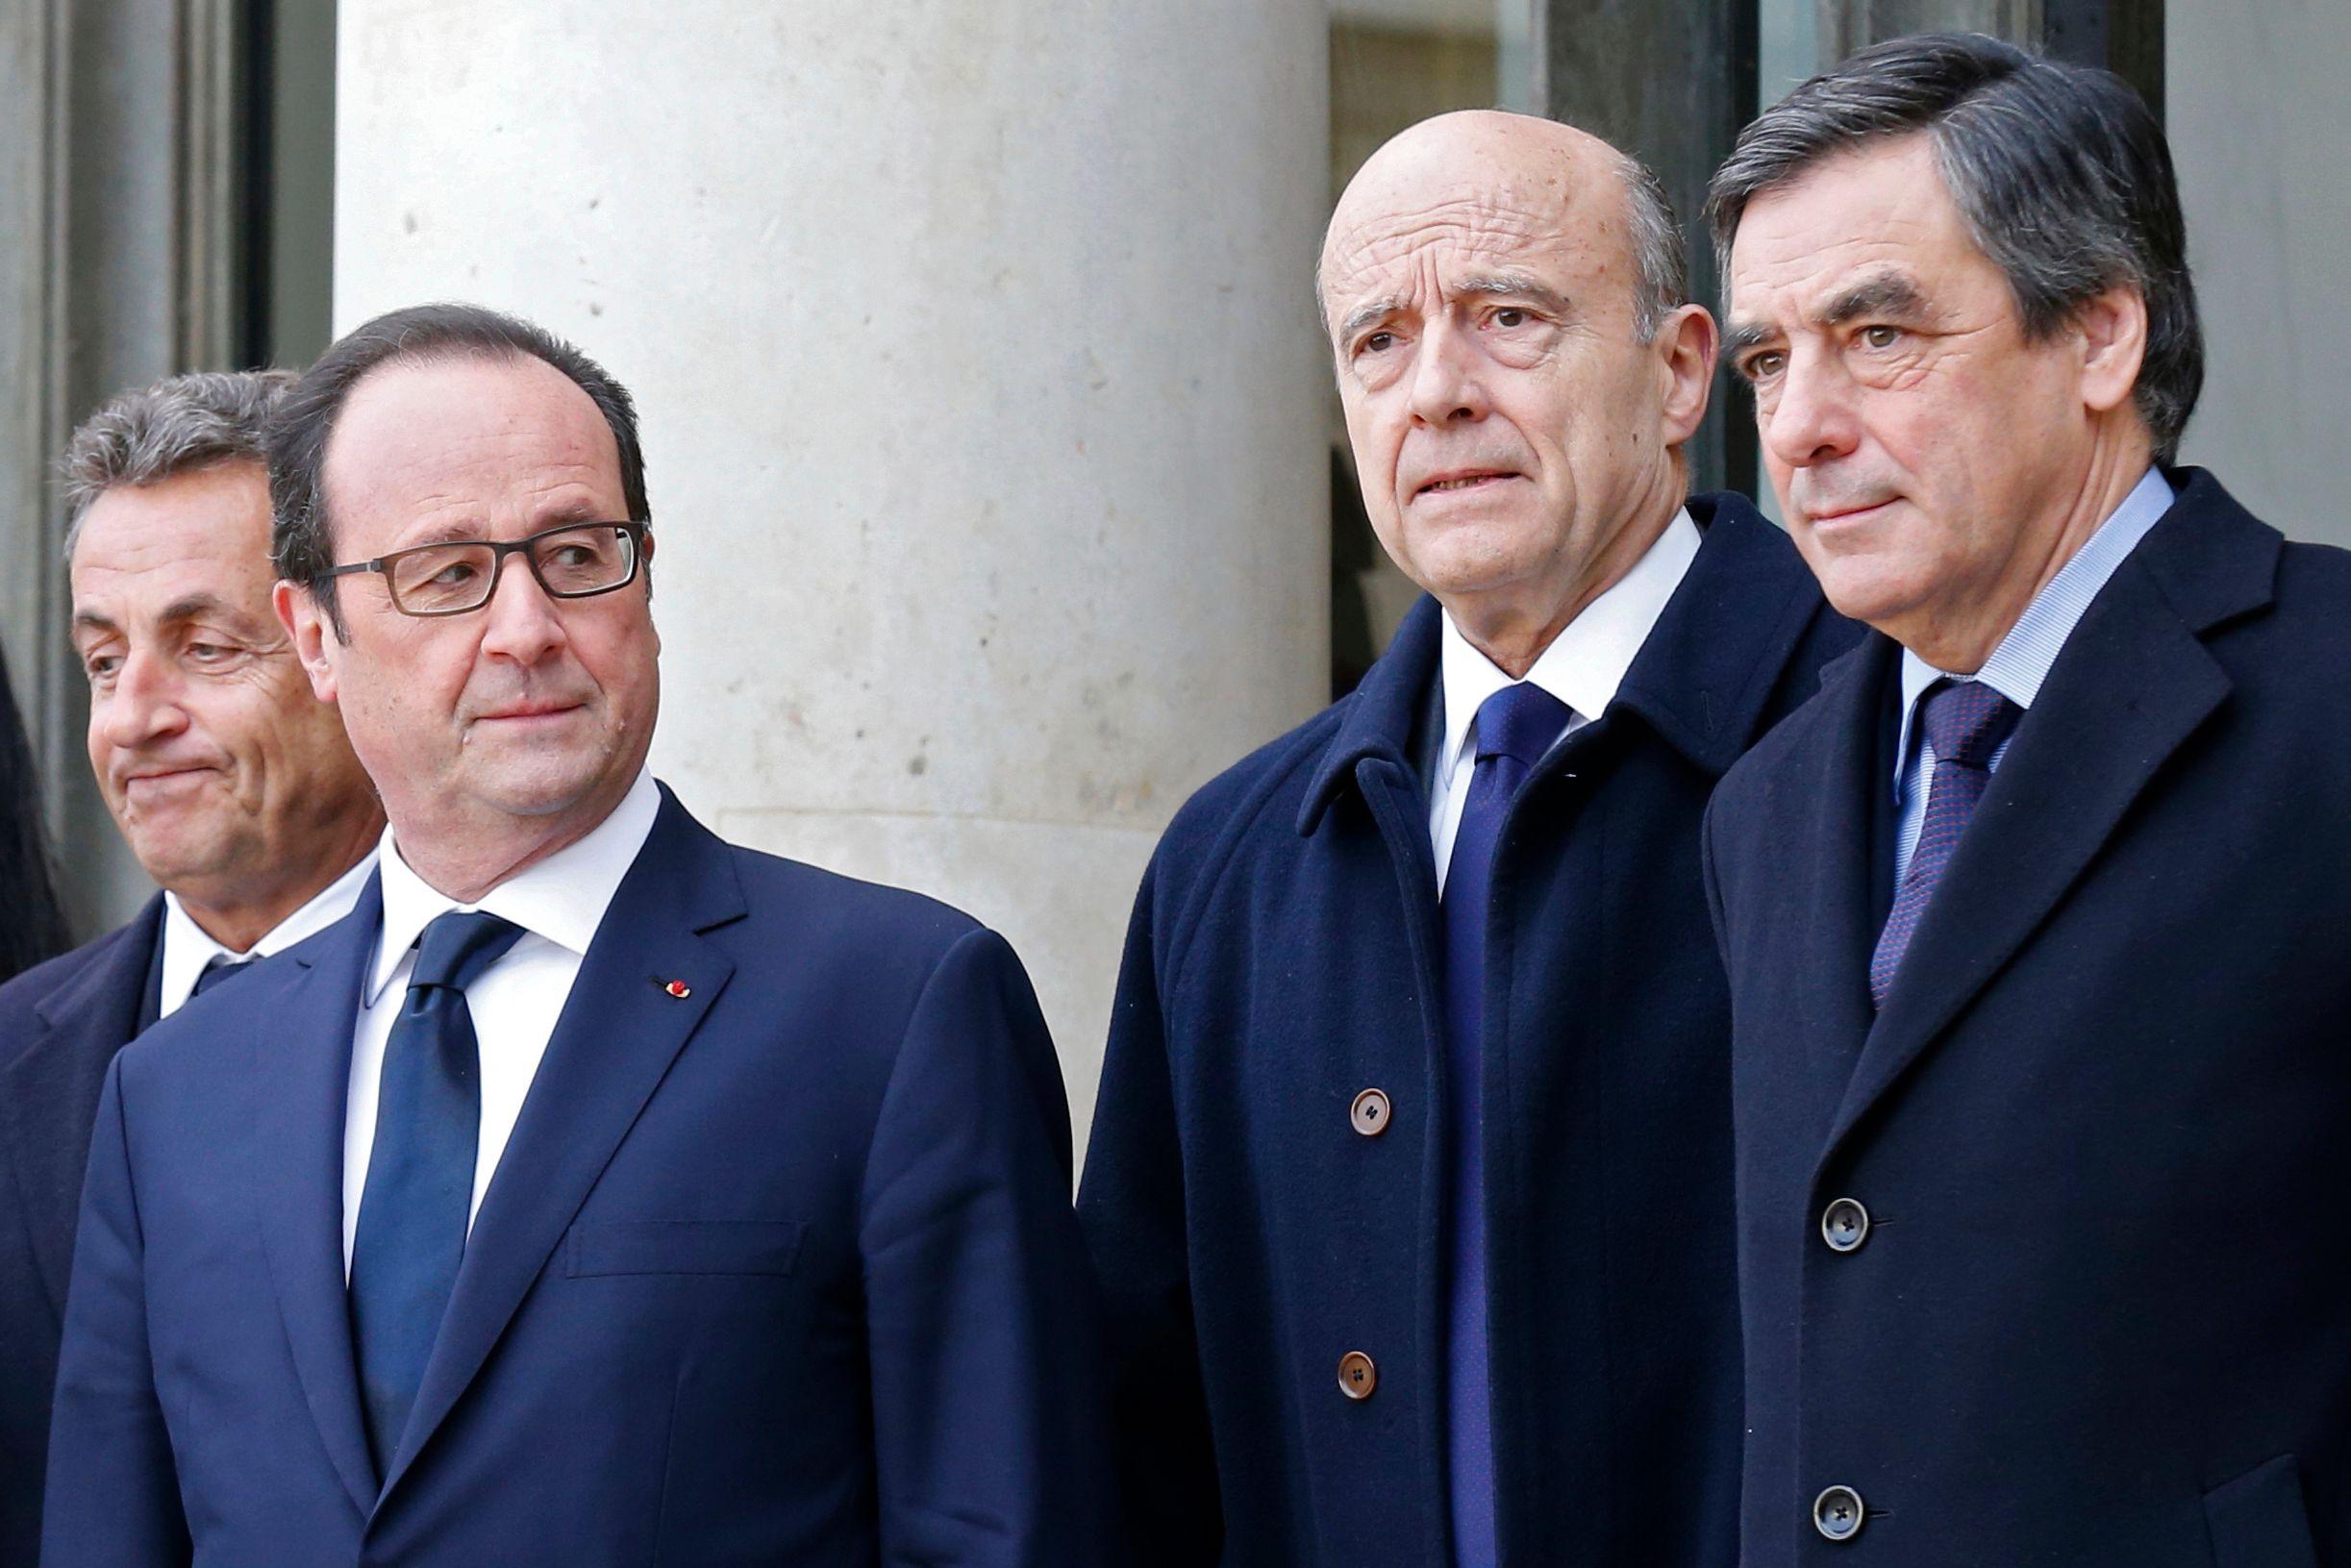 Vous avez aimé Wagram 1, le discours de Hollande contre Sarkozy? Vous allez adorer Wagram 2, celui contre Juppé